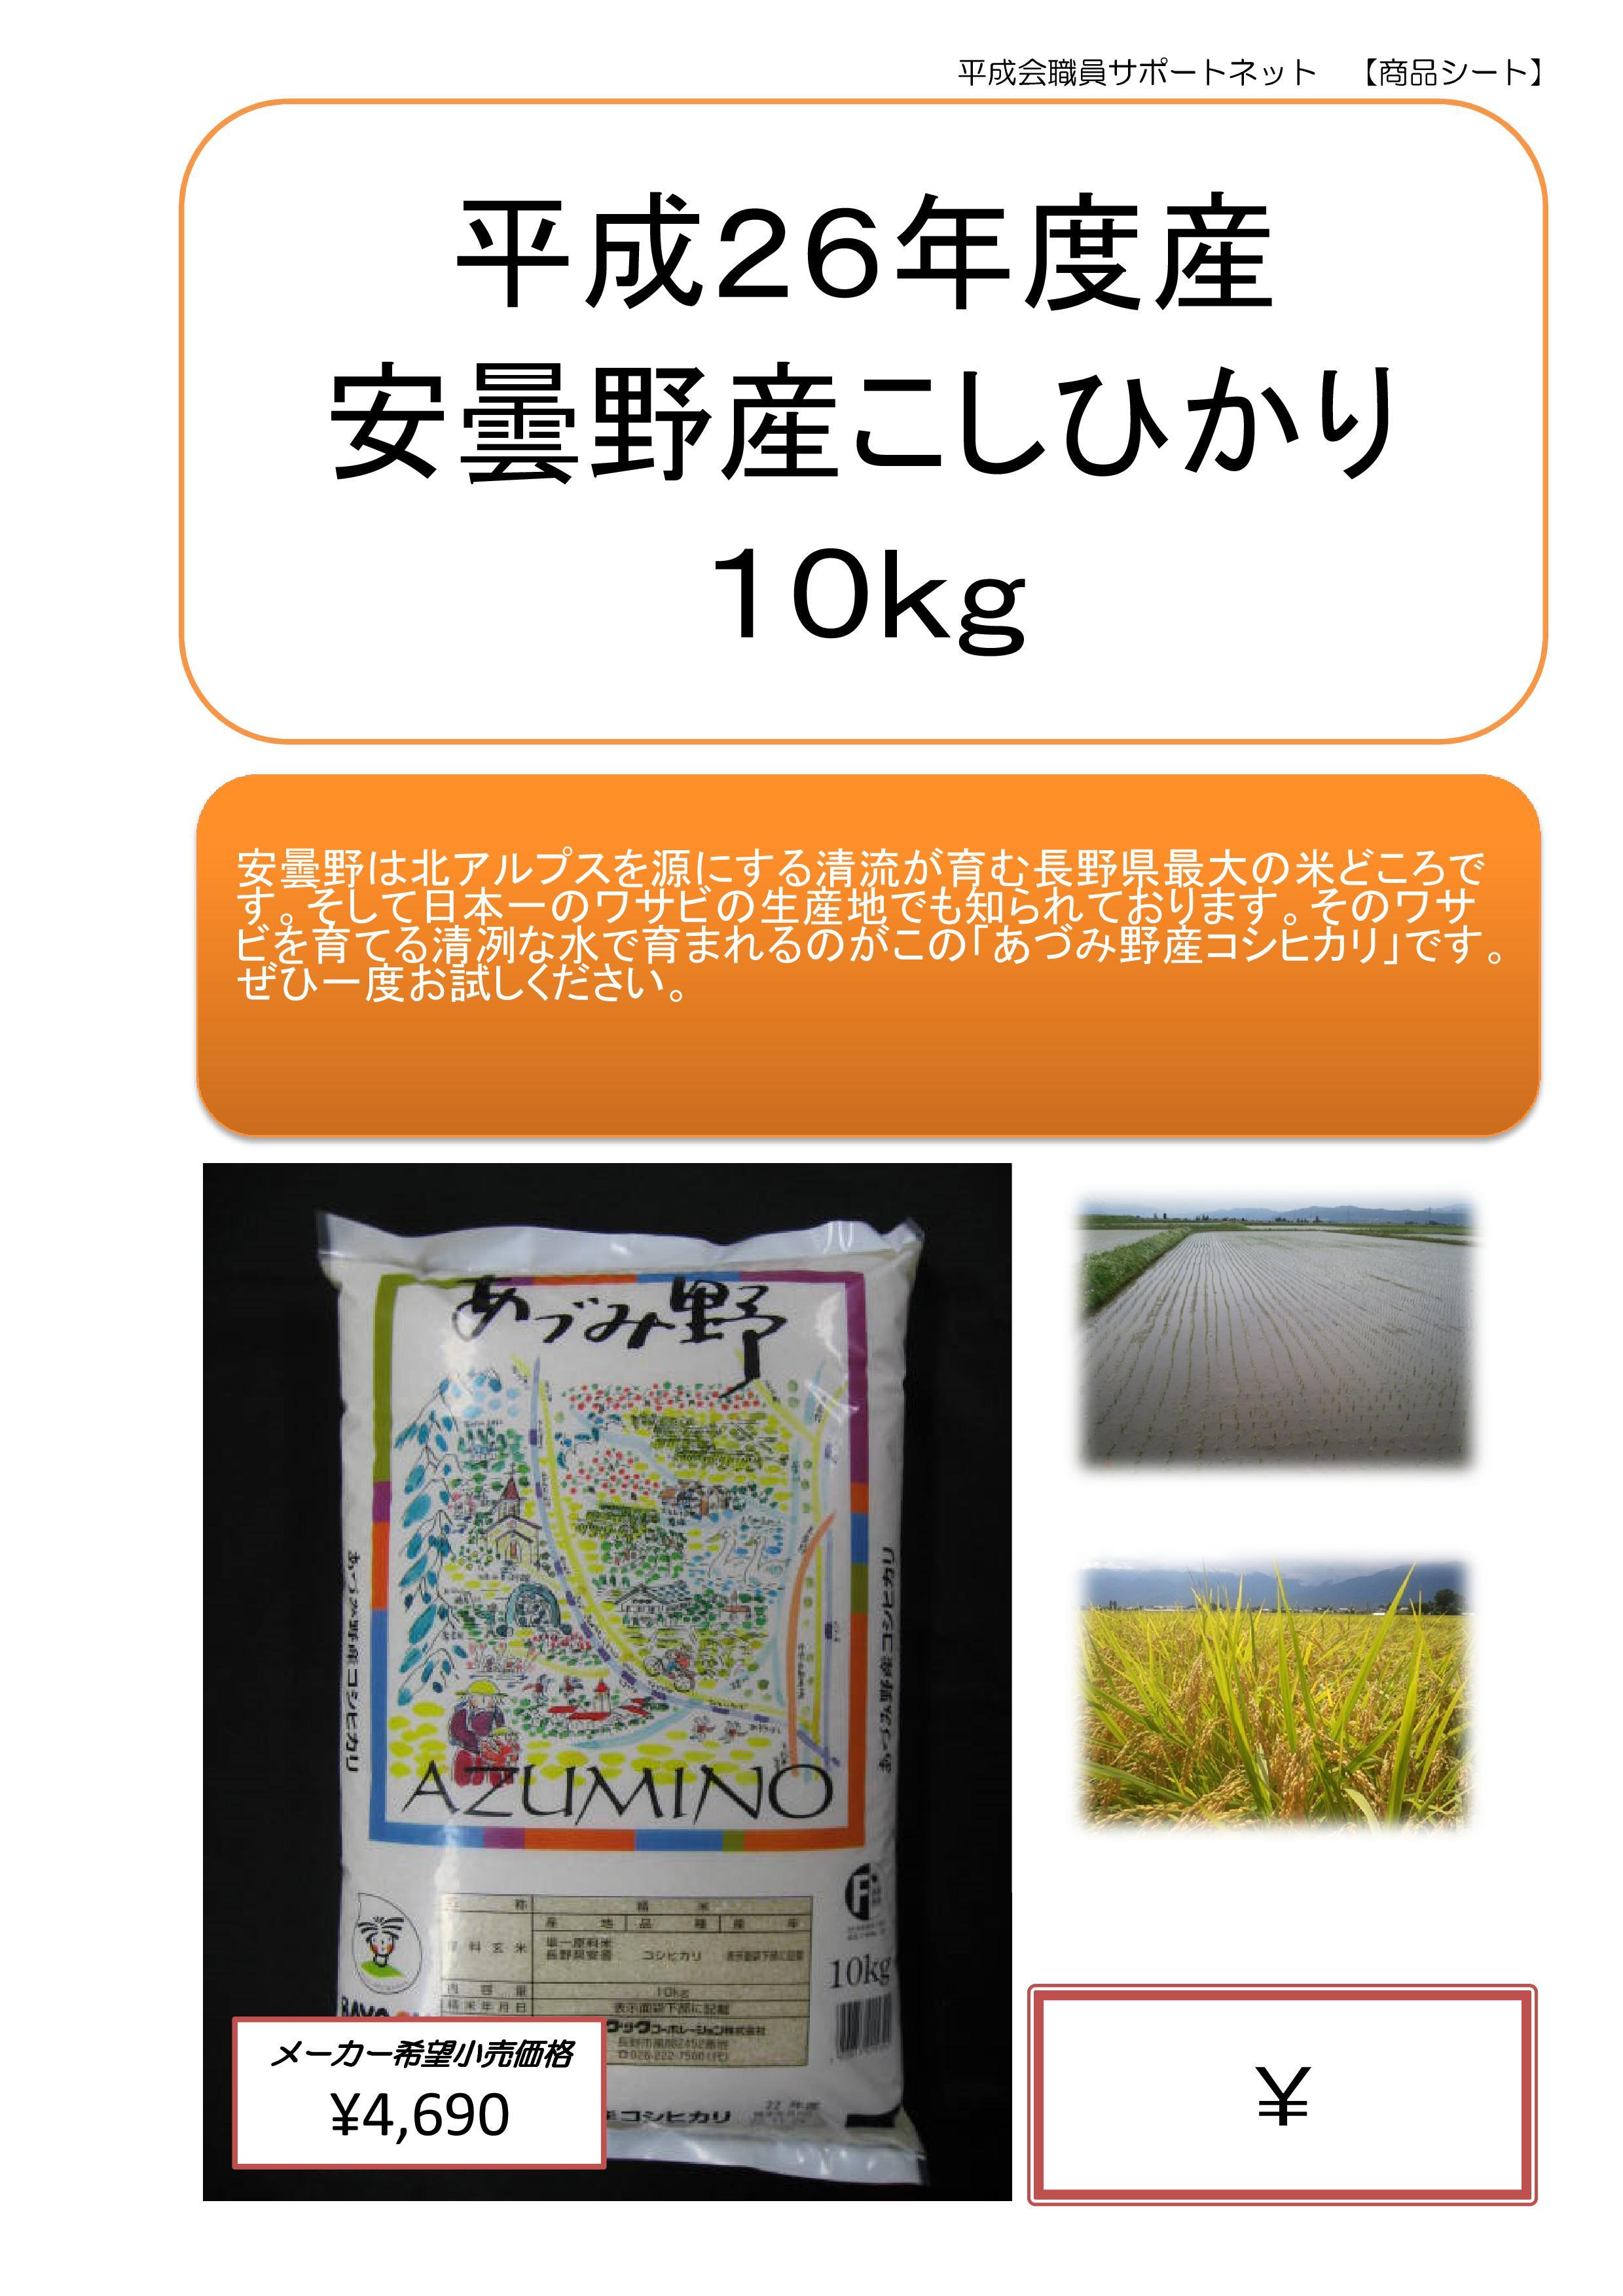 安曇野産こしひかり(10kg)